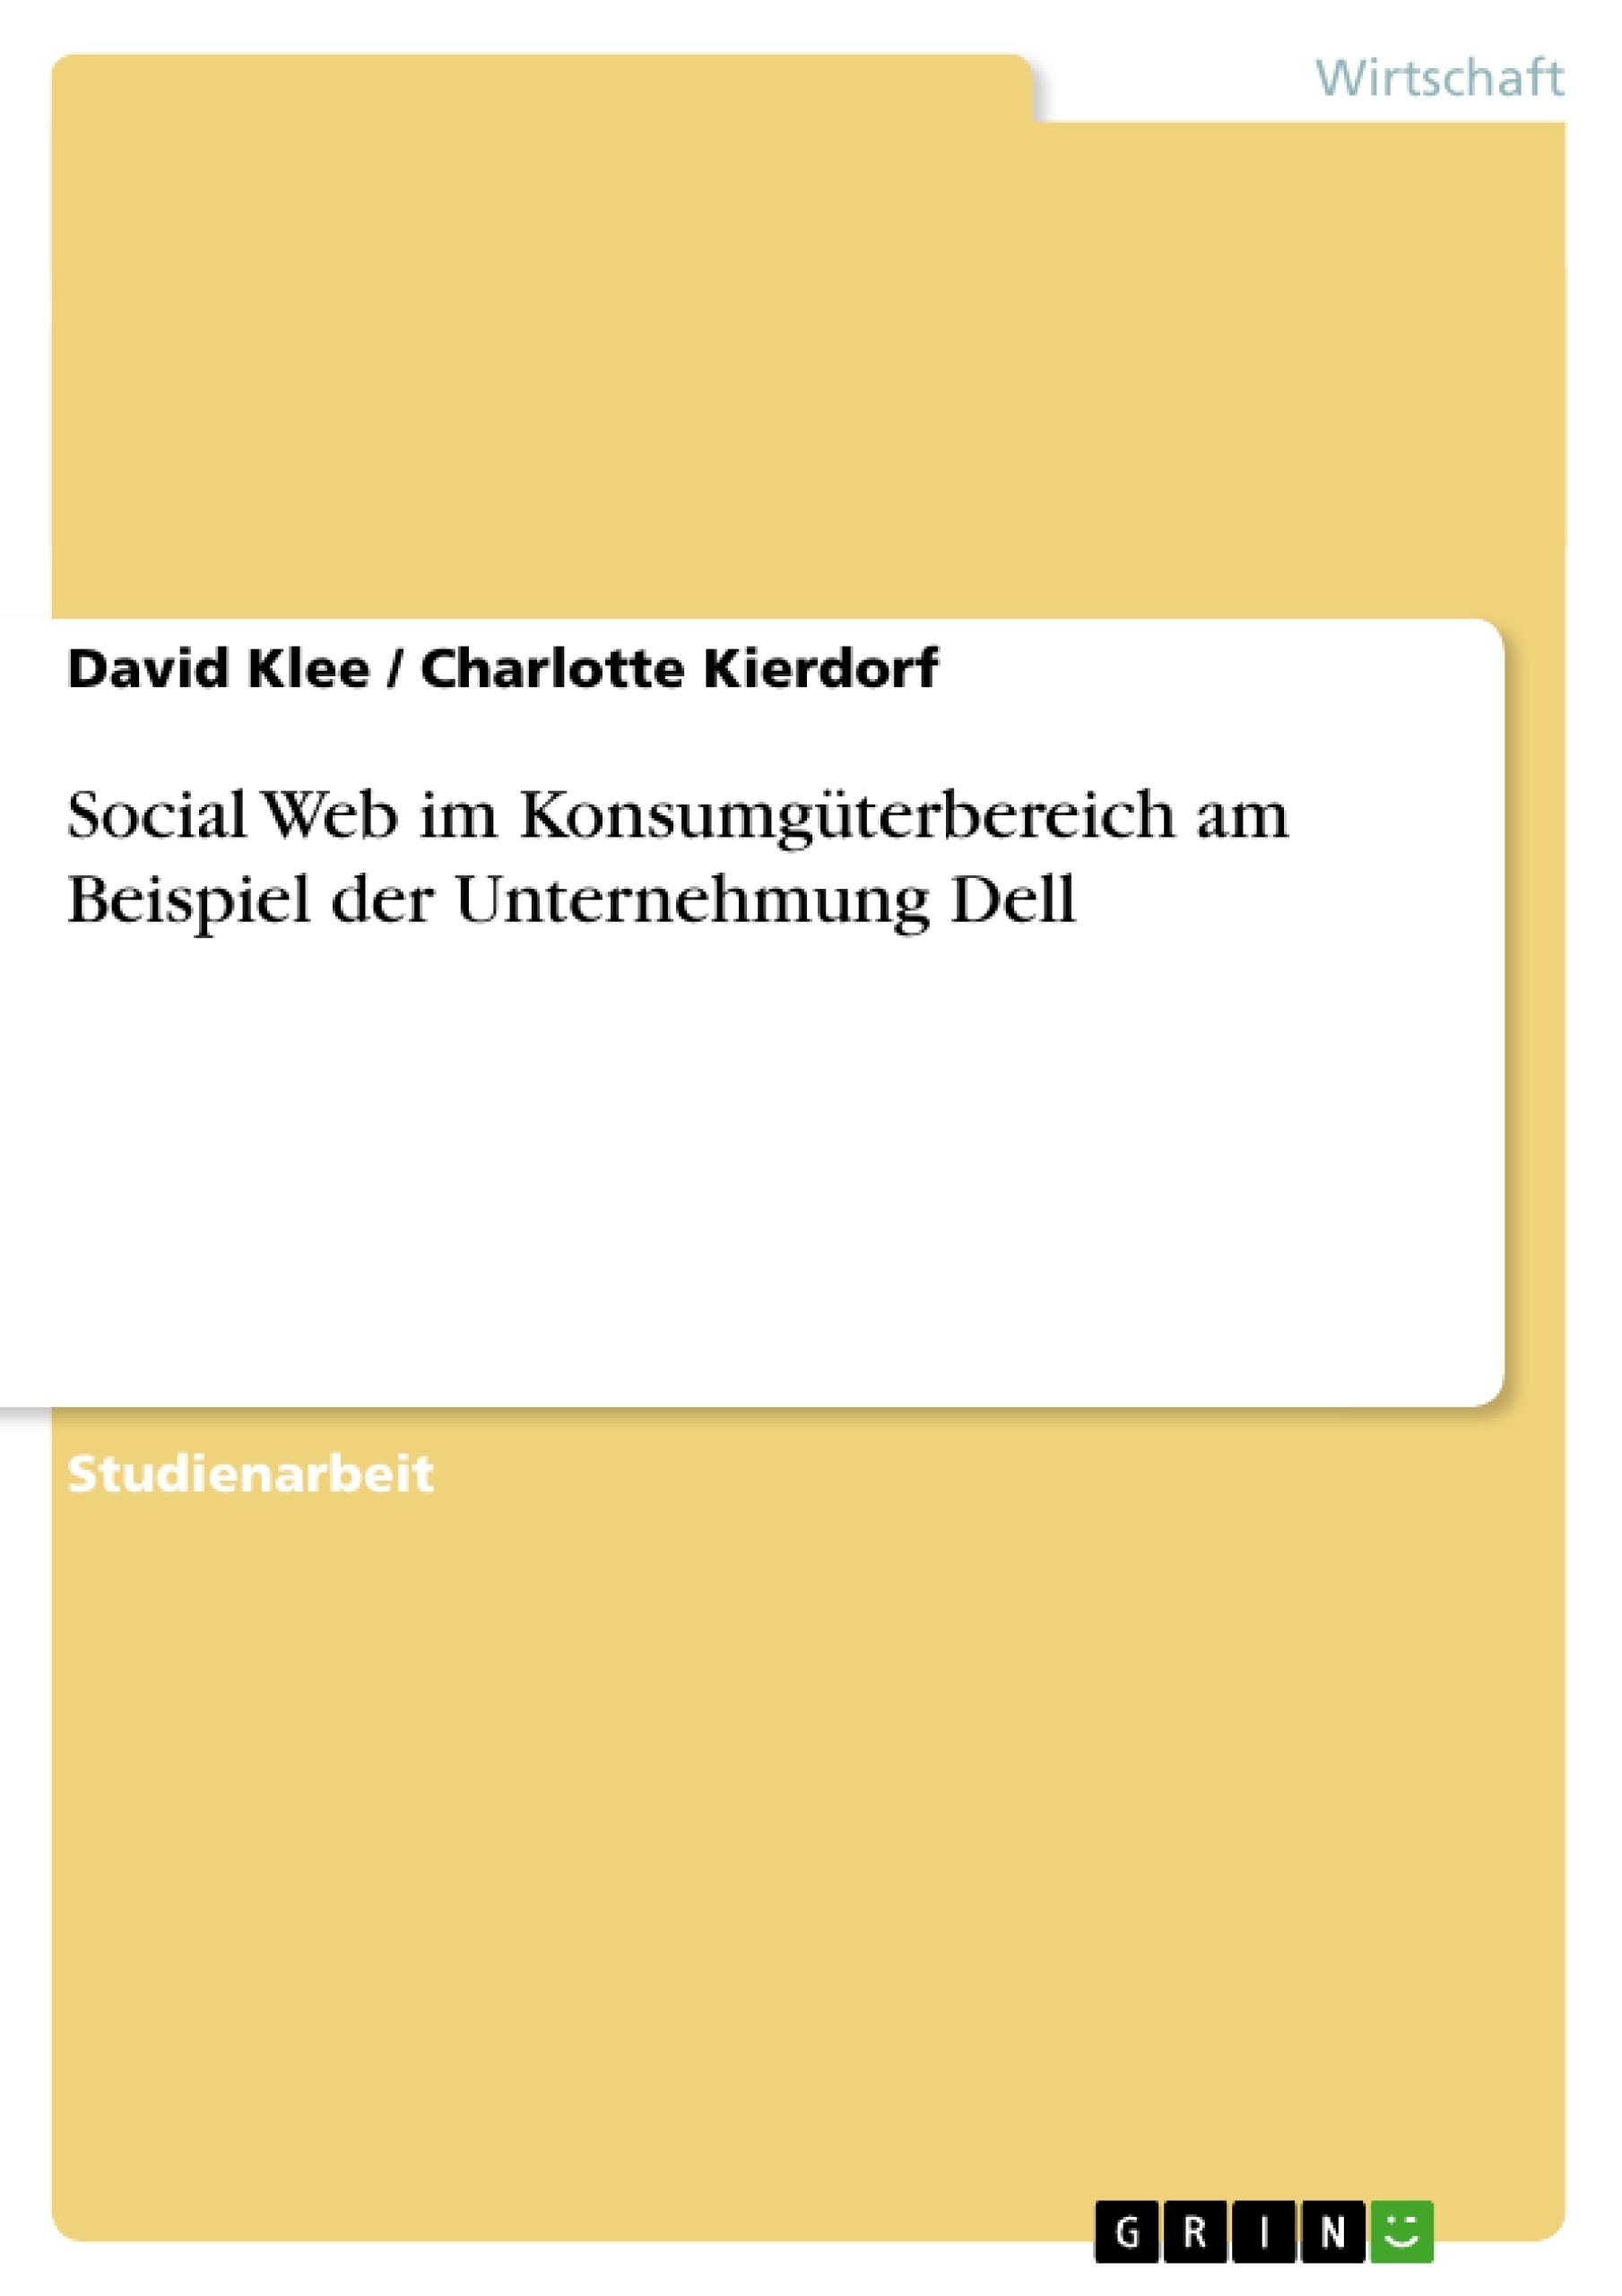 Titel: Social Web im Konsumgüterbereich am Beispiel der Unternehmung Dell